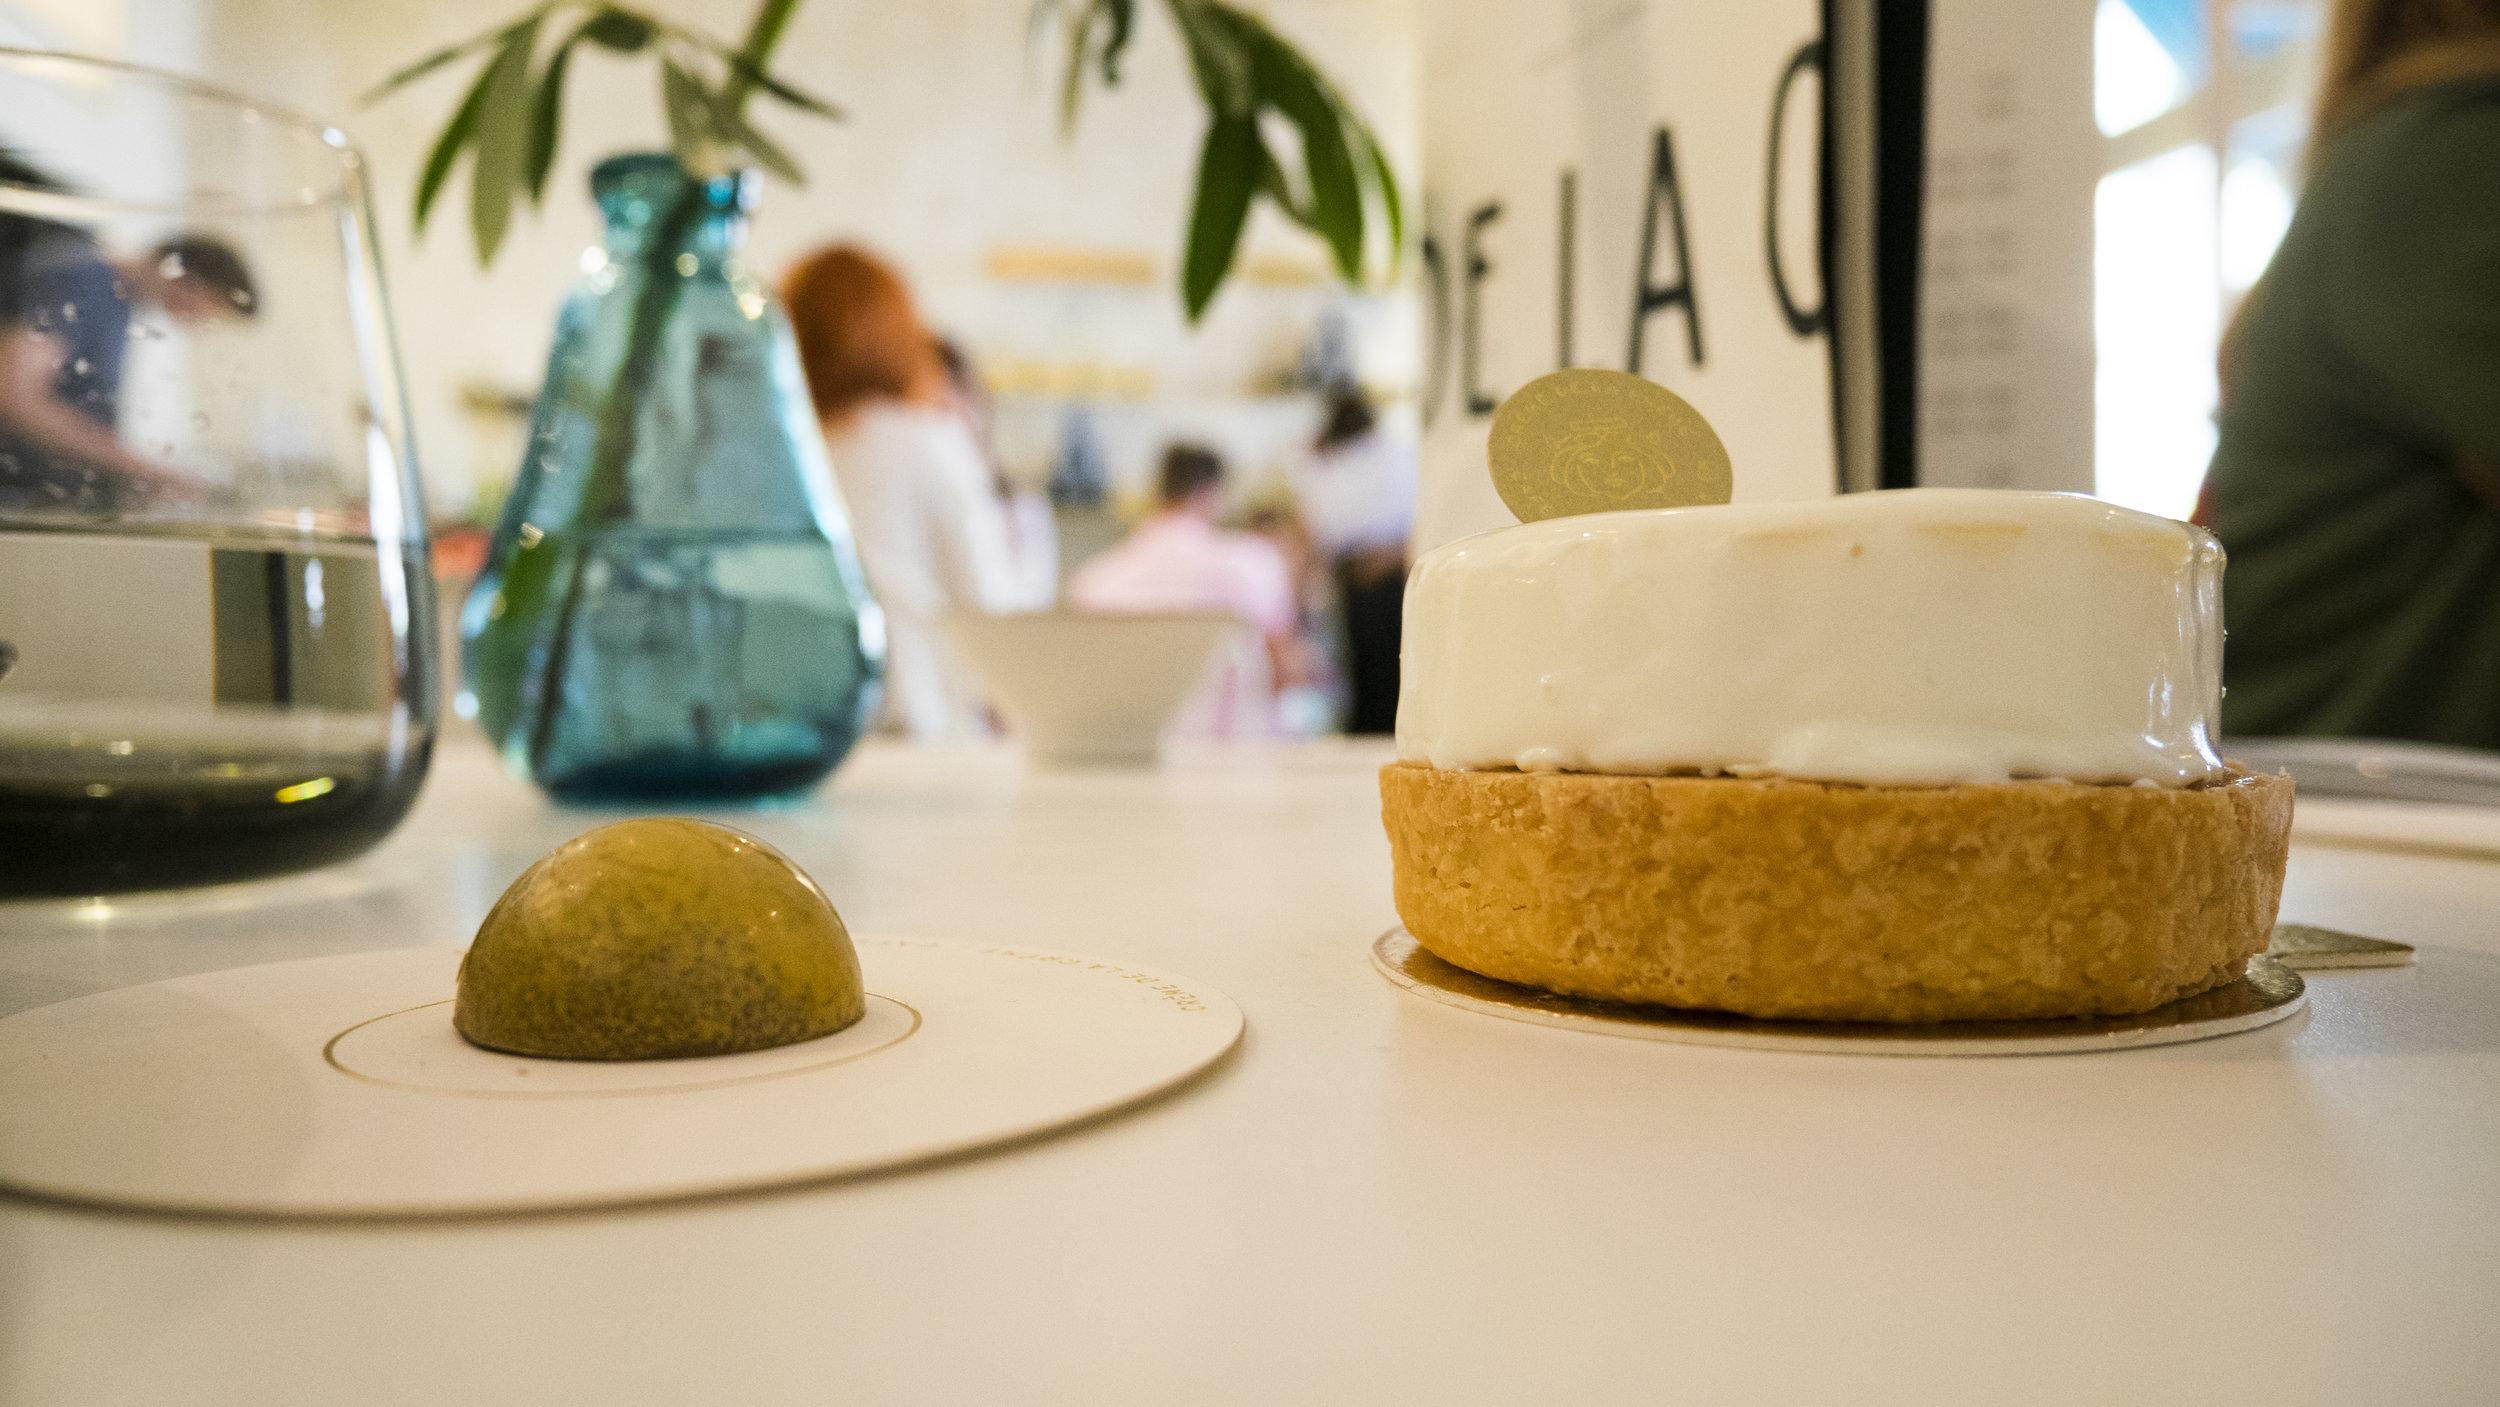 Neben dem Slow-Food-Eissalon Leones hat vor kurzem die Kuchenbar Créme de la Créme eröffnet. Und bist du deppert es gibt gute Küchlein dort. Jeder einzelne Kuchen sieht wie ein Kunstwerk aus und jede Plraline wie eine Zeichnung. Ich kann es nur empfehlen.Der Laden selbst ist extrem schön und elegant eingerichtet und man wird von einem sehr freundlichem Personal liebevoll umsorgt.  Adresse und Öffnungszeiten: Lange Gasse 76, 1080 Wien, 09-19.00 Uhr